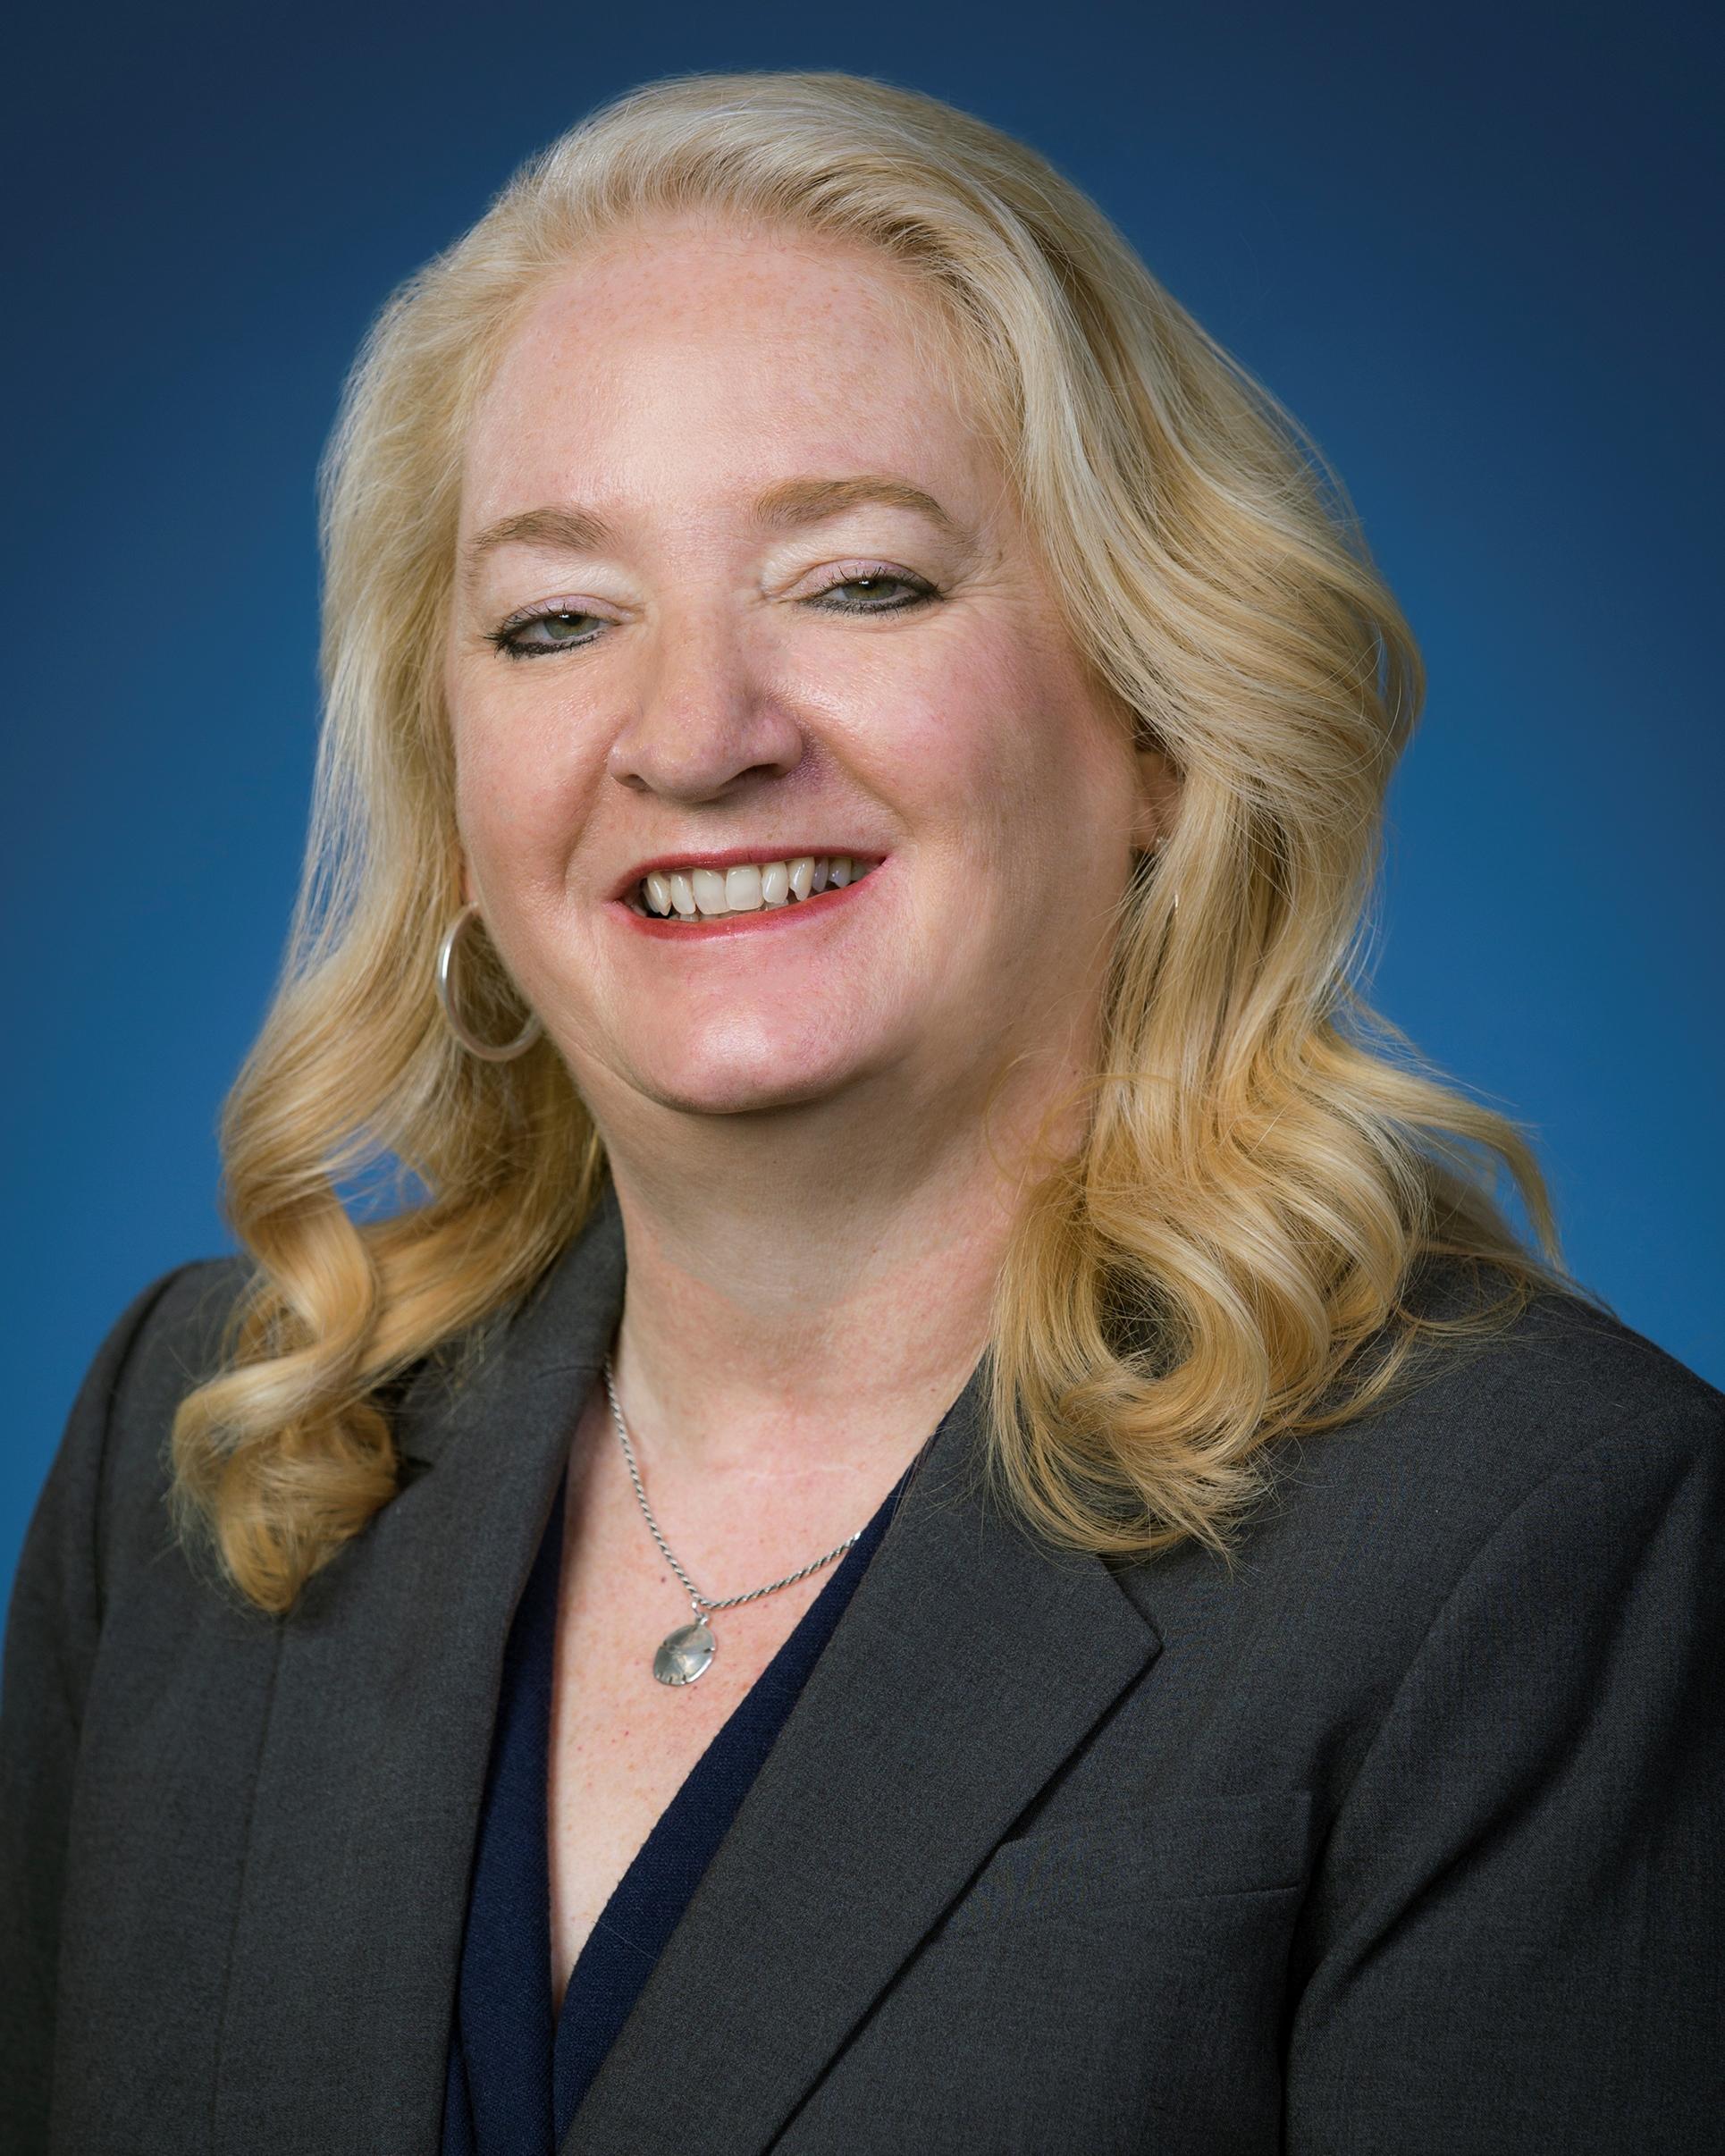 M. Jane Shawver, QKA